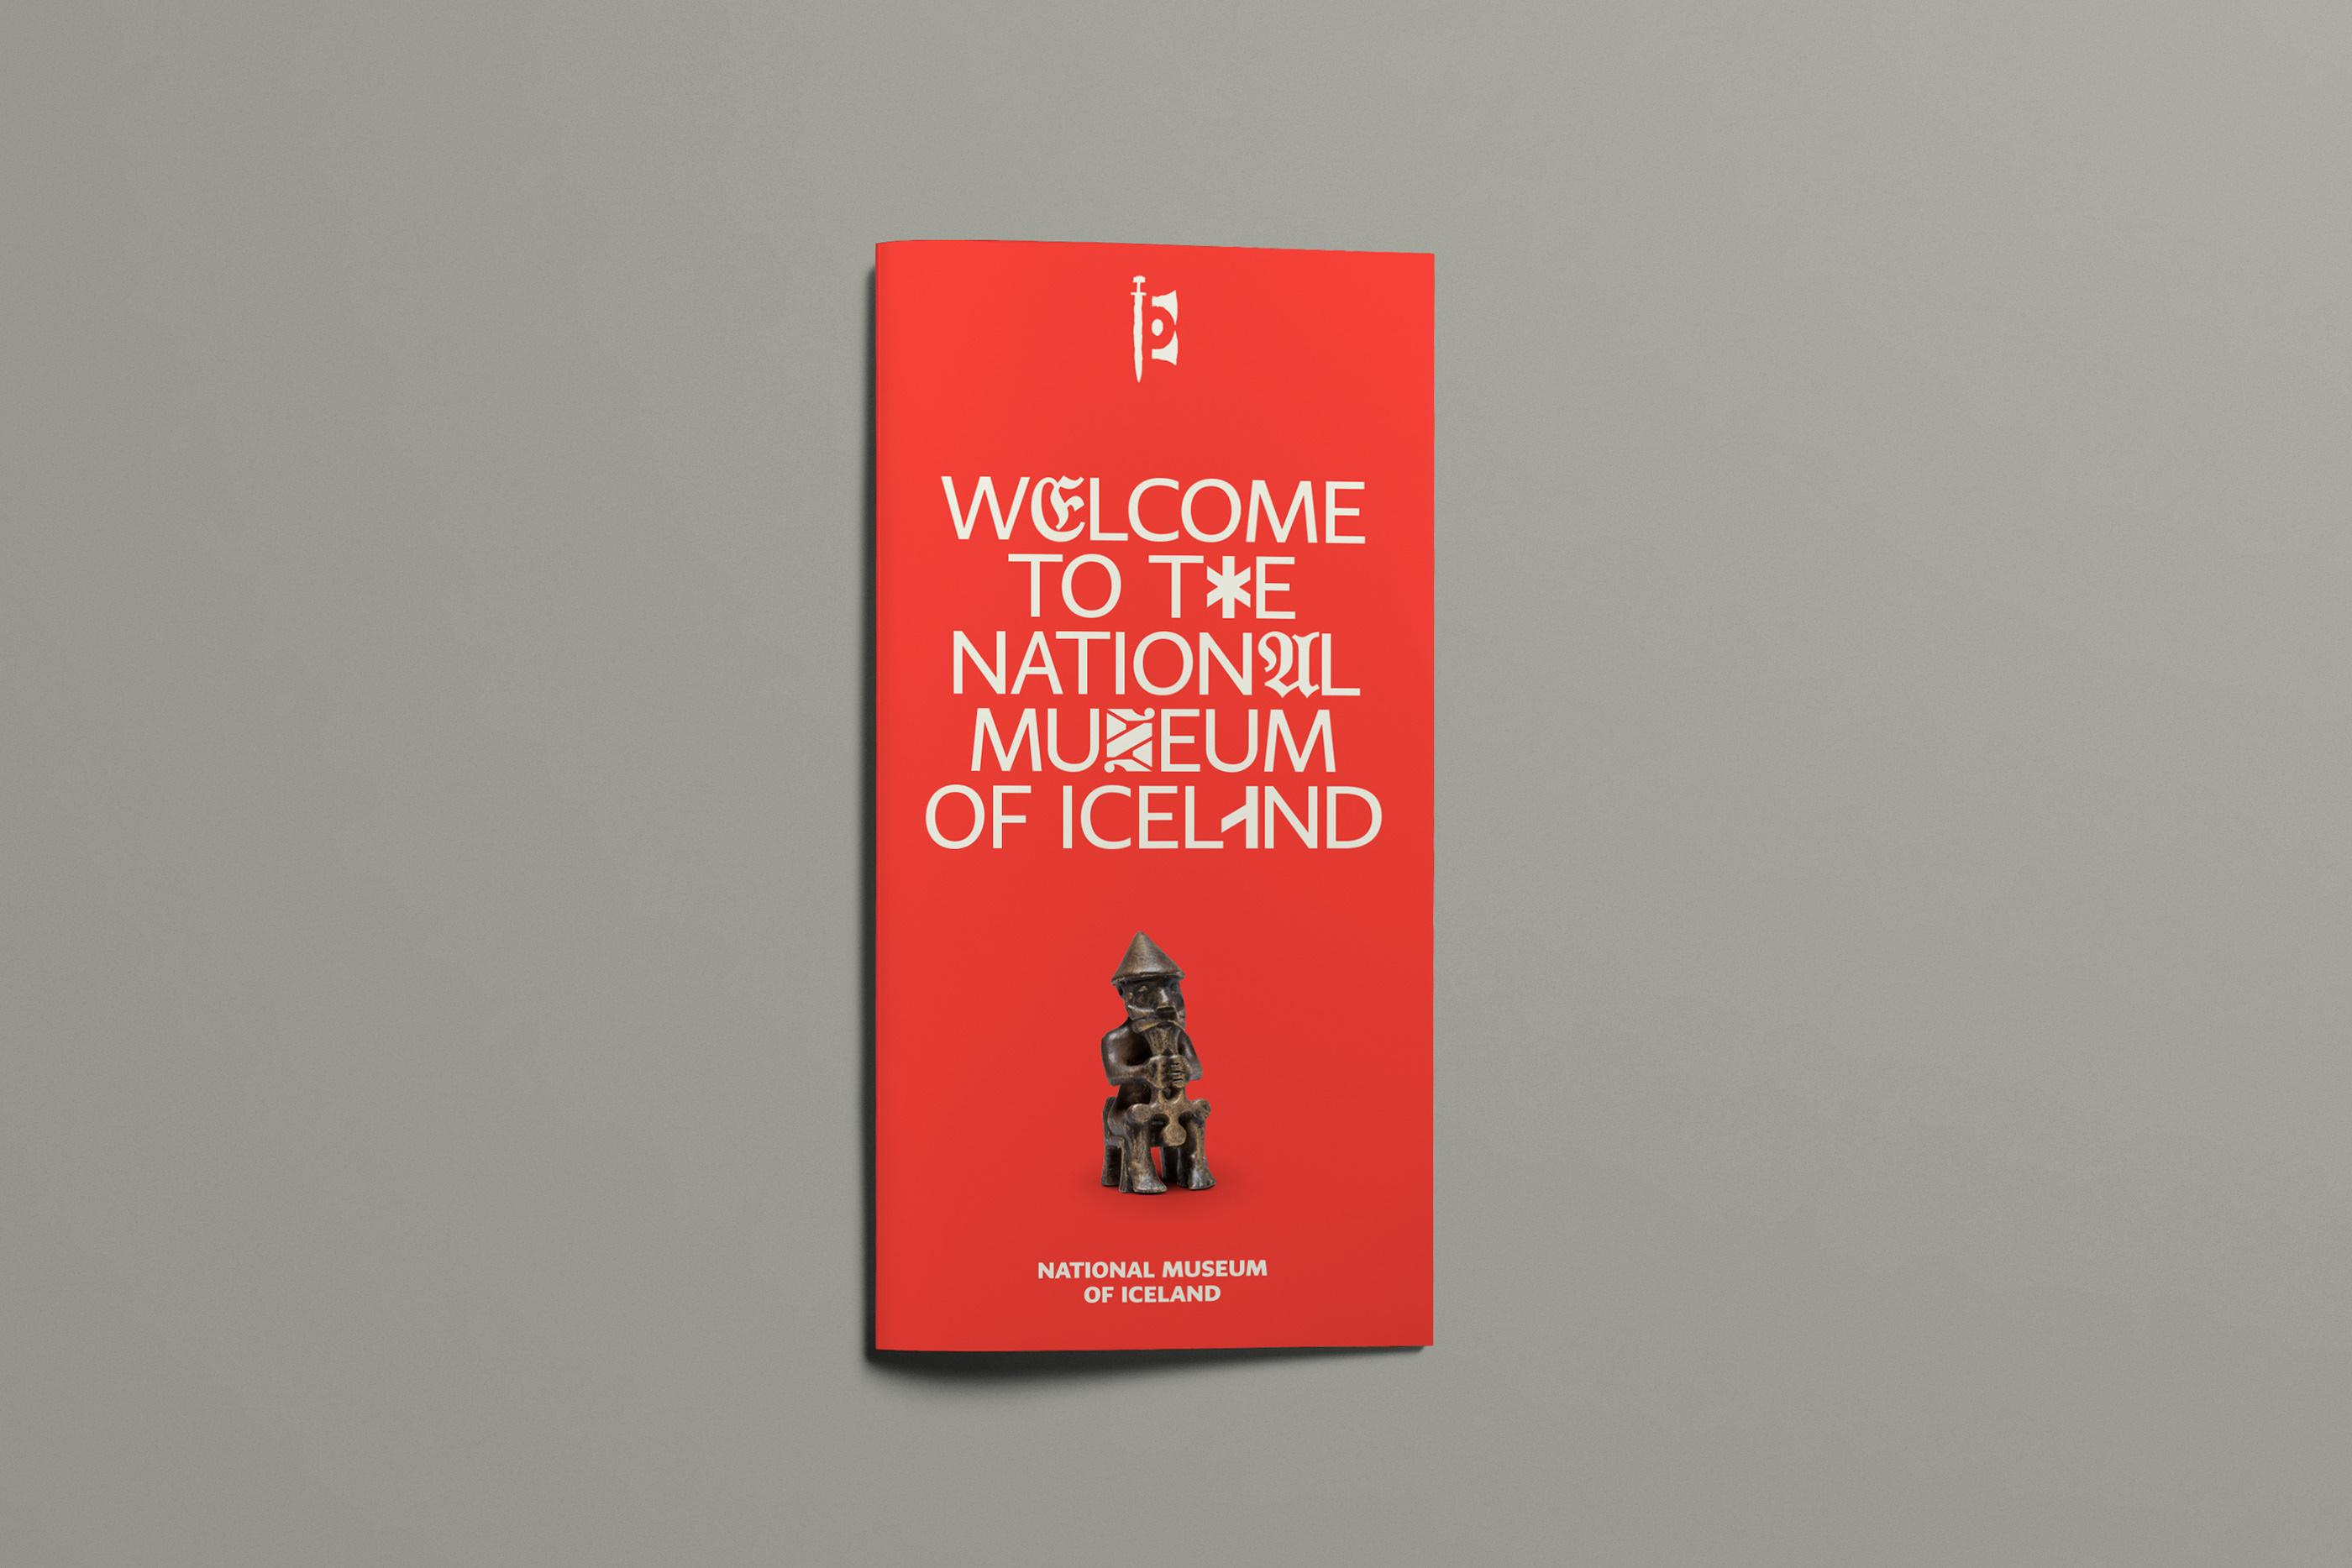 冰岛国家博物馆品牌视觉设计